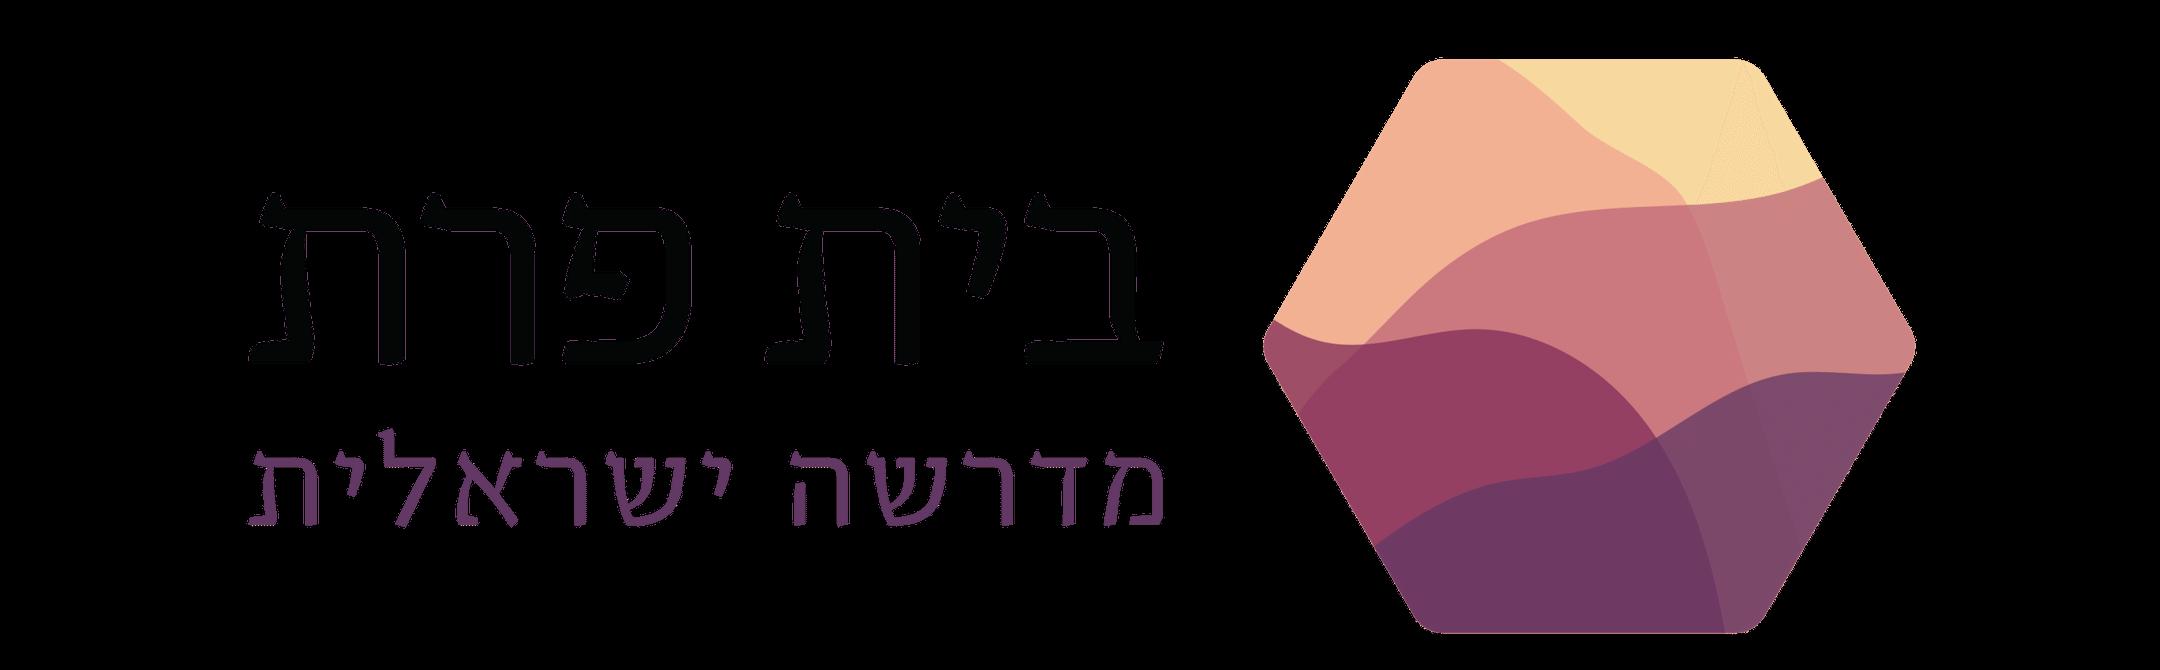 בית פרת – מדרשה ישראלית